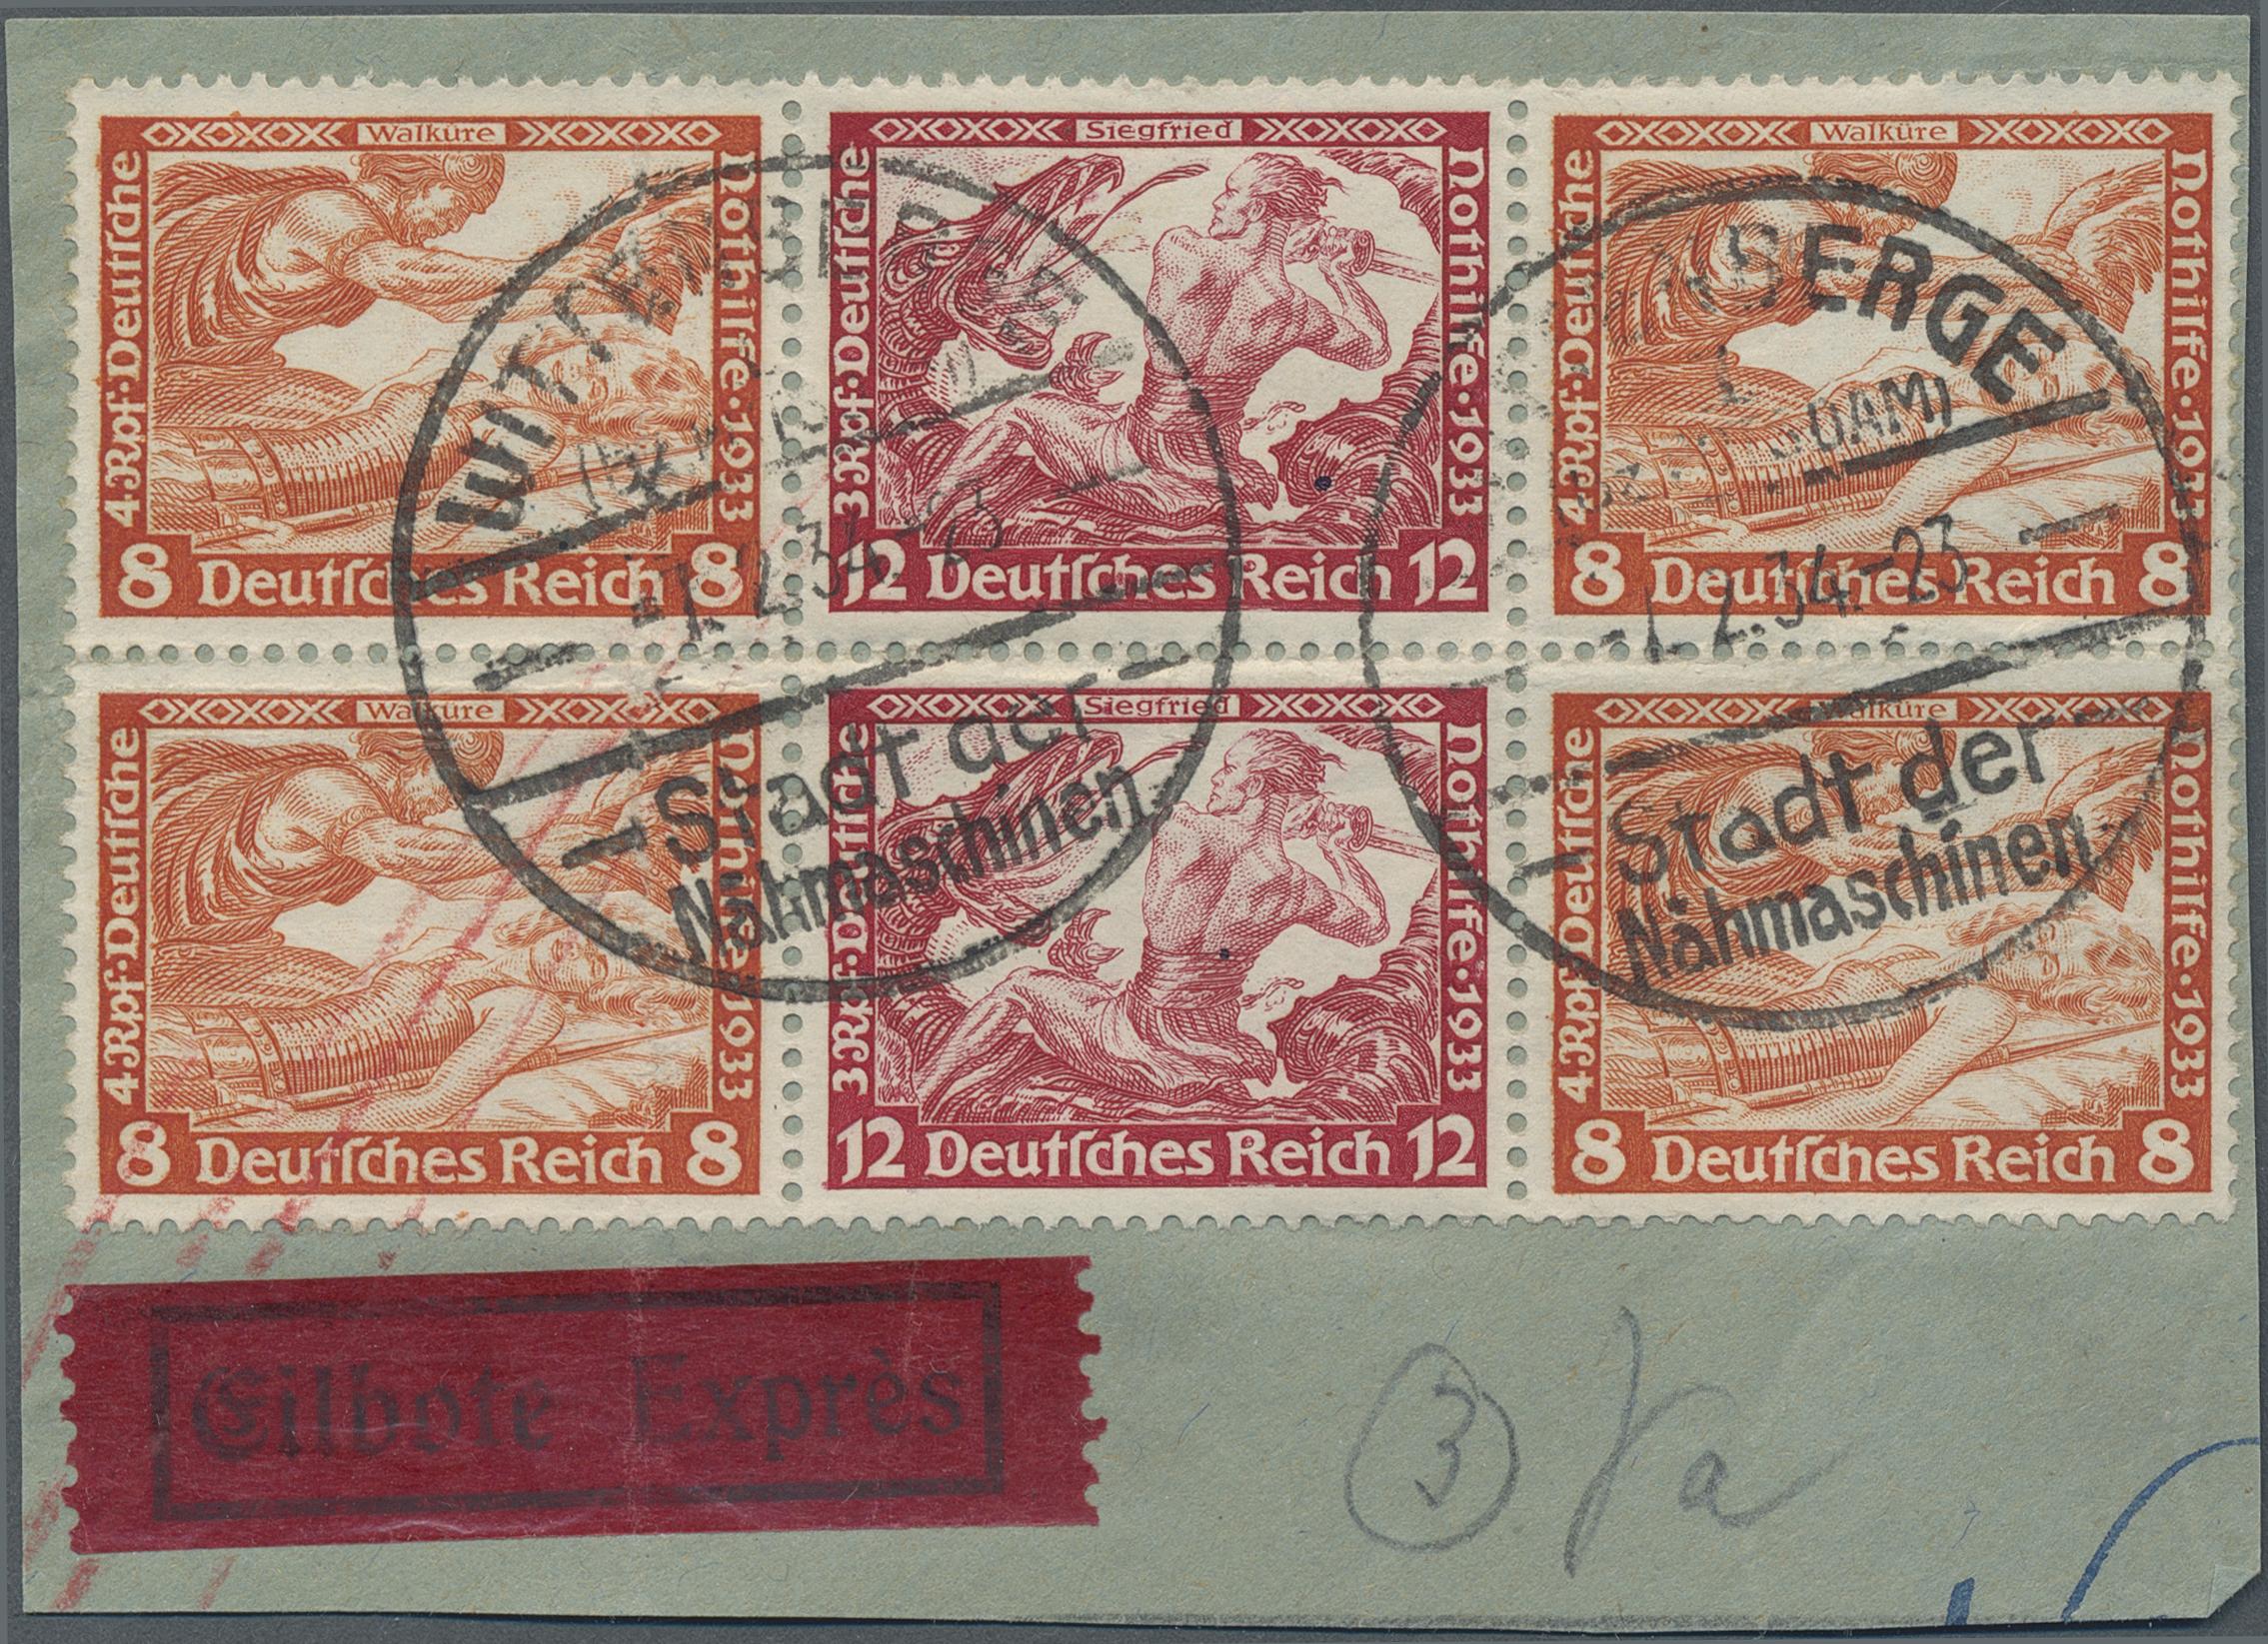 Lot 36774 - Deutsches Reich - Zusammendrucke  -  Auktionshaus Christoph Gärtner GmbH & Co. KG Sale #44 Collections Germany